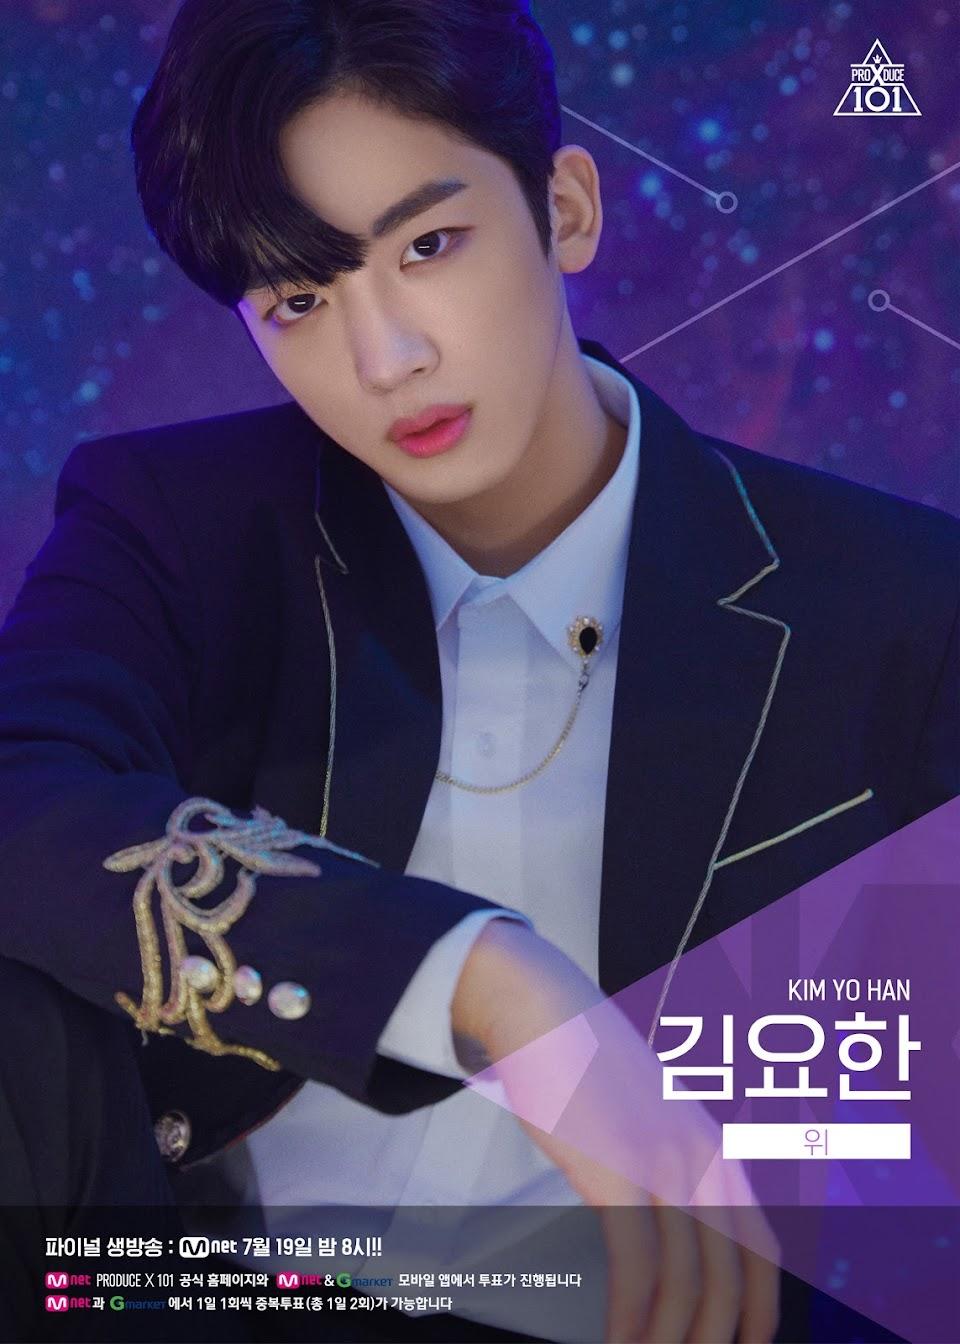 Kim_Yohan_Produce_X_101_Finale_Profile